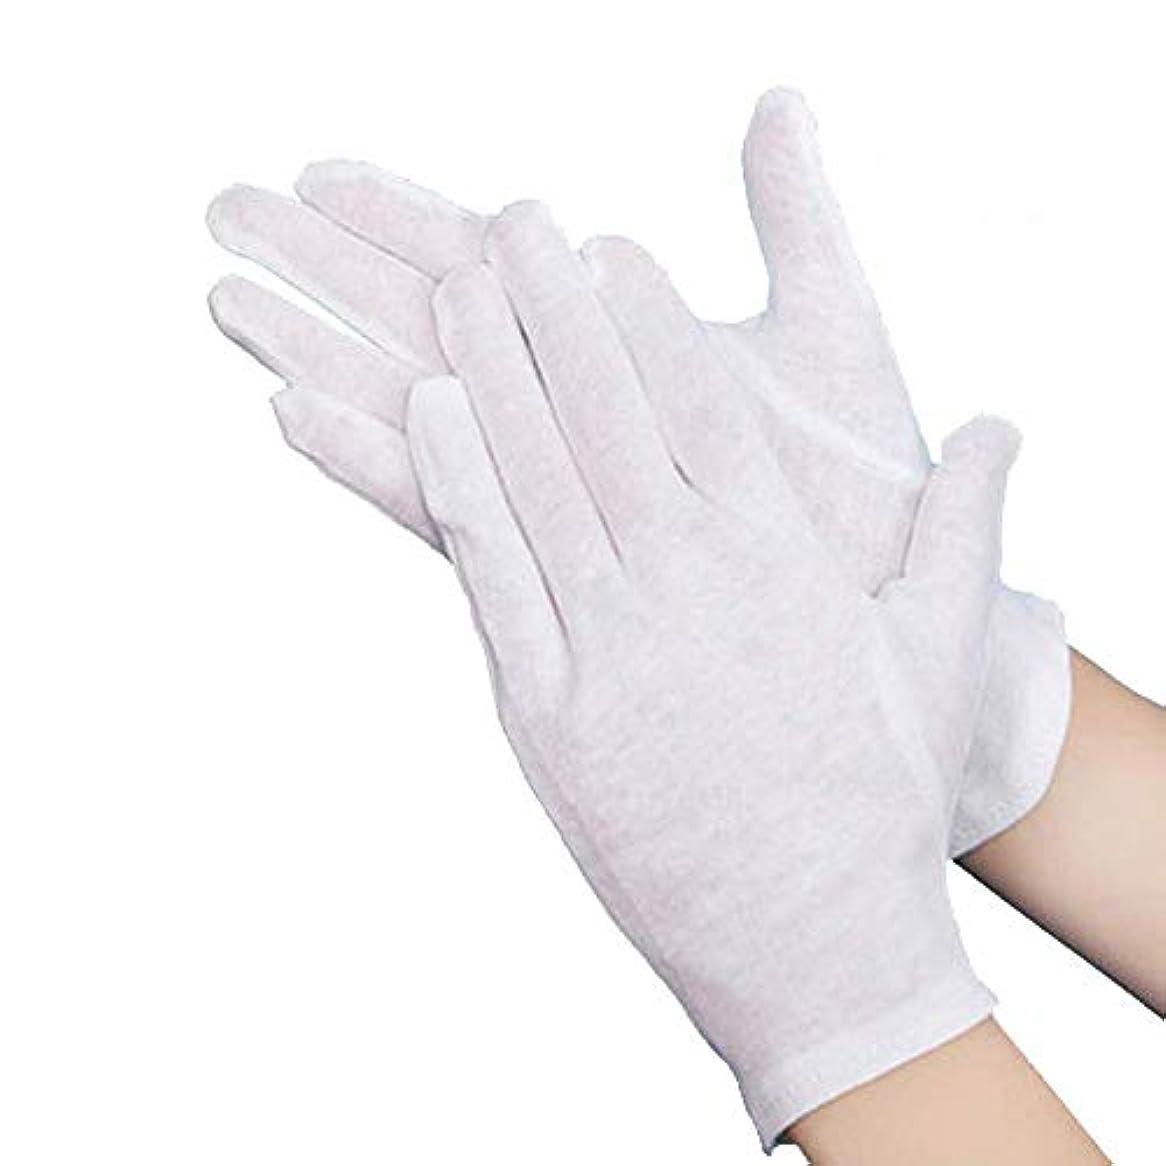 保証する塊運命的な10双組 S 綿手袋 ン手袋 通気性 コッ